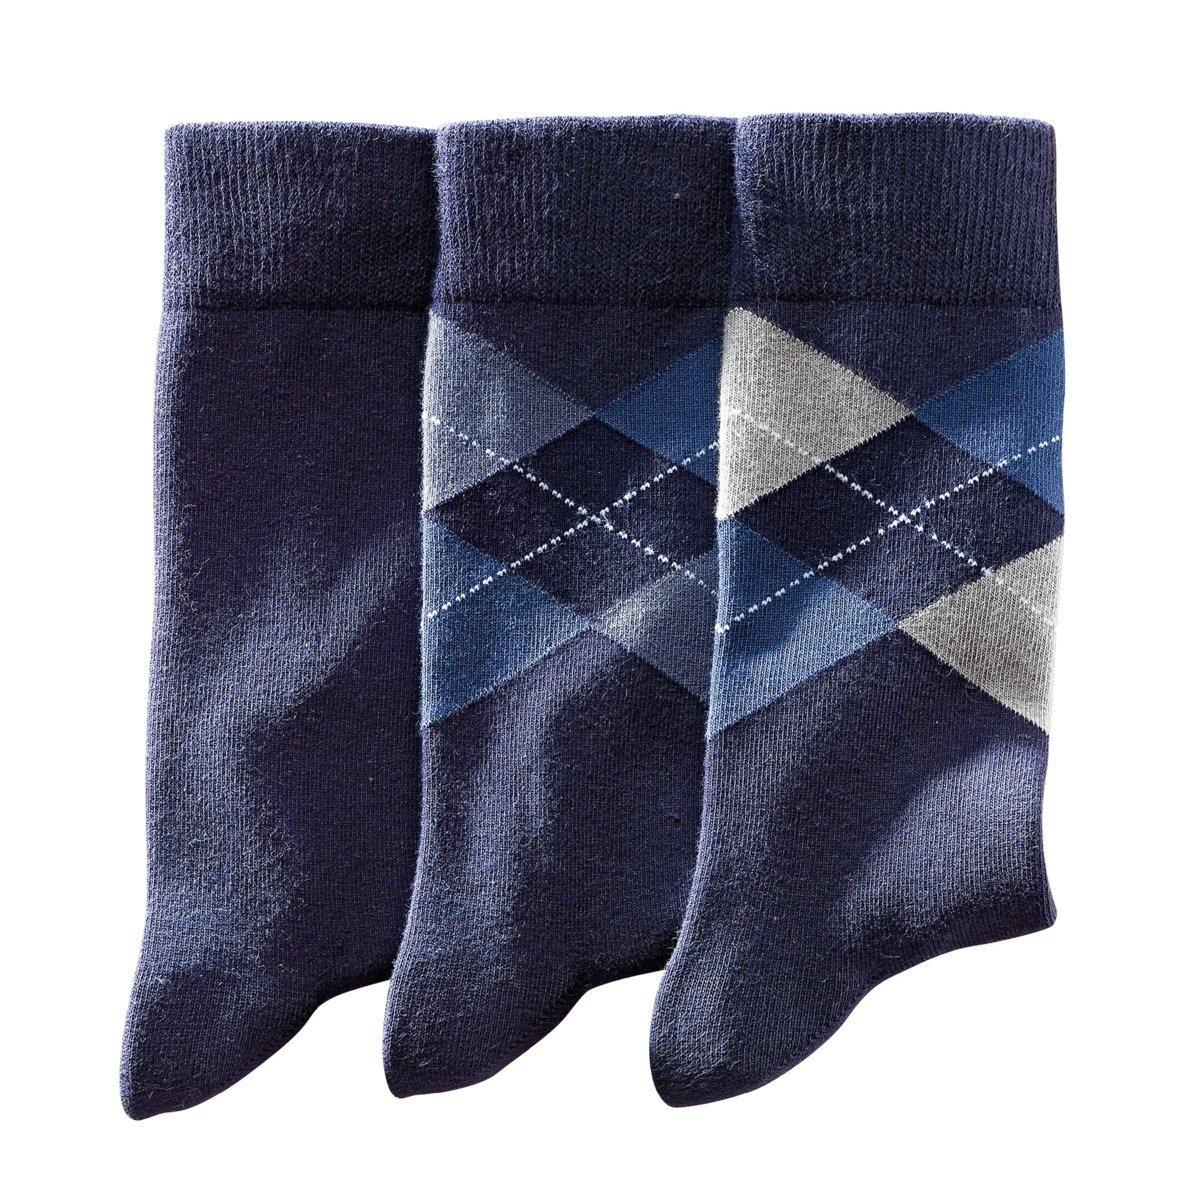 3 пары носков 3 пары оригинальных носков